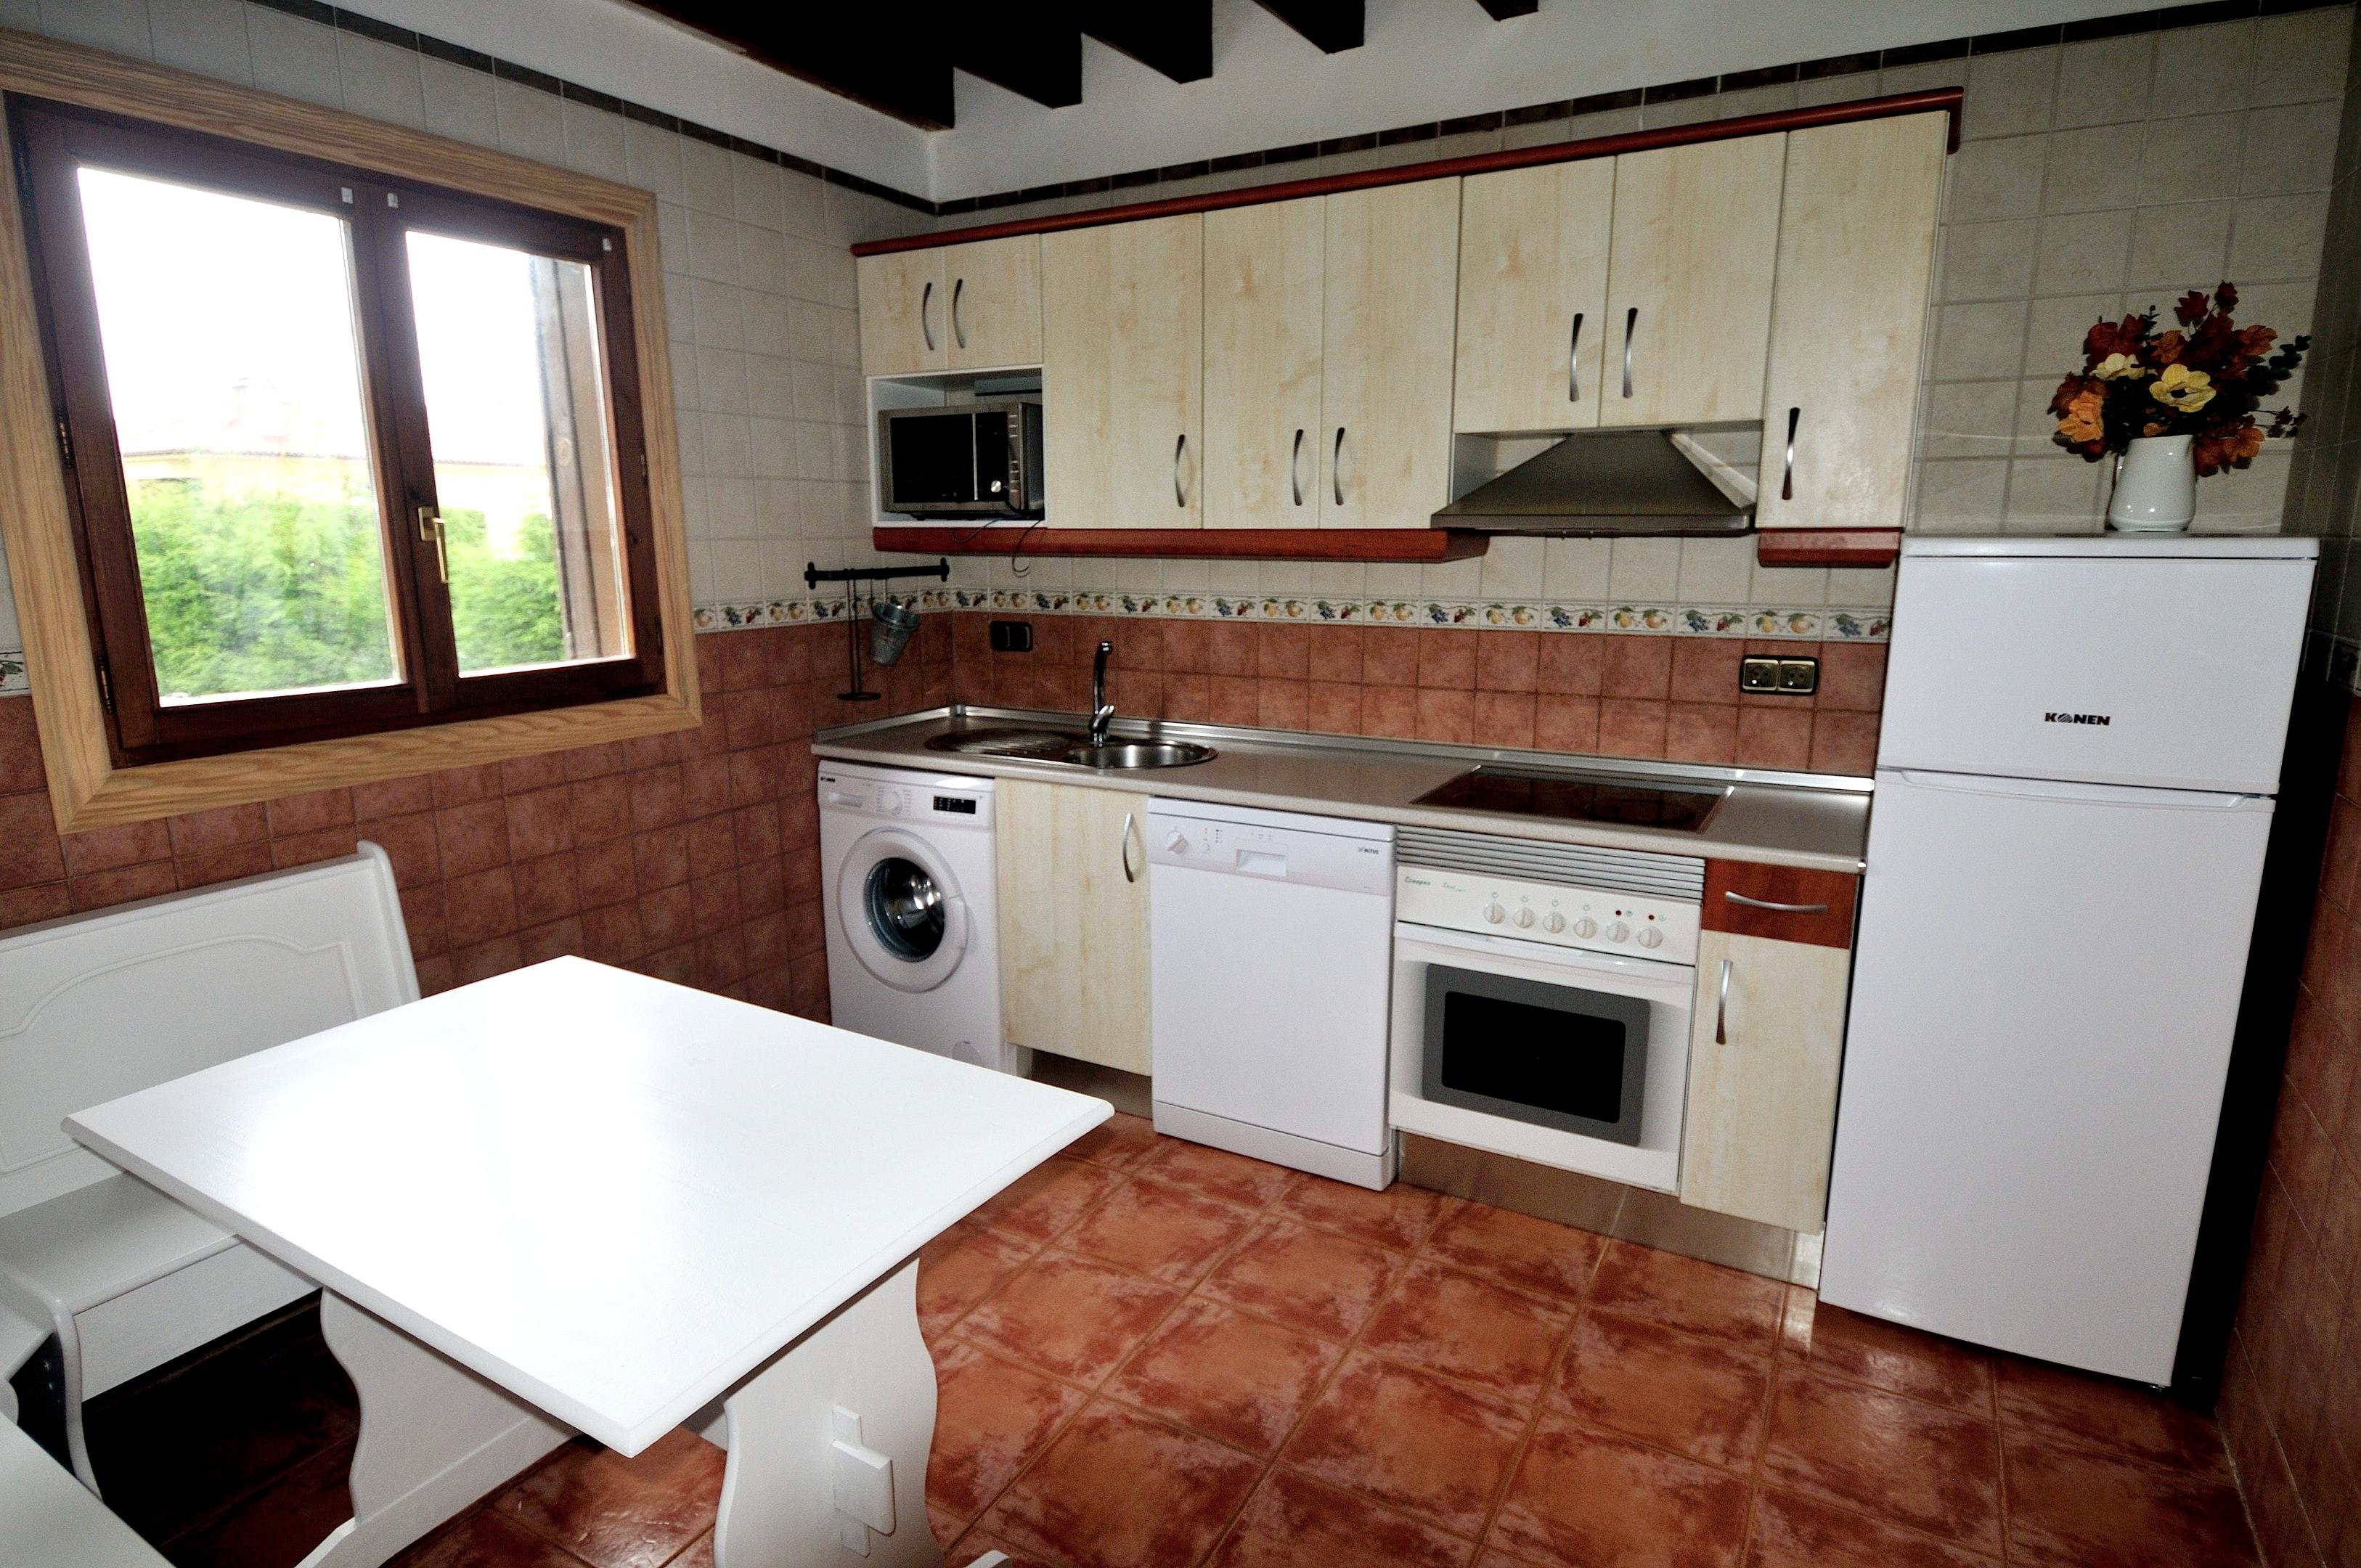 Ferienhaus Haus mit 3 Schlafzimmern in Albuerne mit eingezäuntem Garten - 6 km vom Strand entfernt (2208400), Albuerne, Costa Verde (ES), Asturien, Spanien, Bild 4